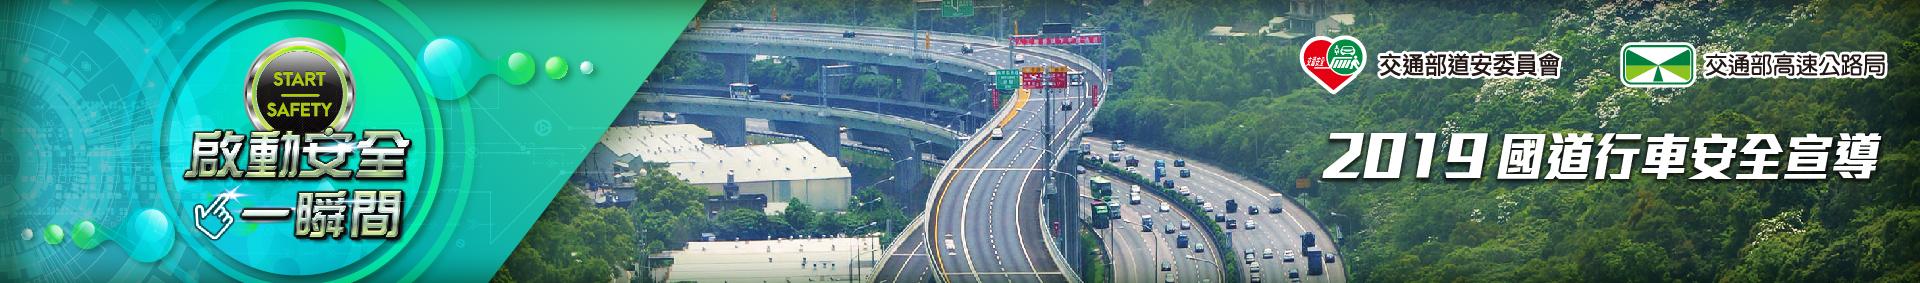 108年國道行車安全宣導(另開新視窗)